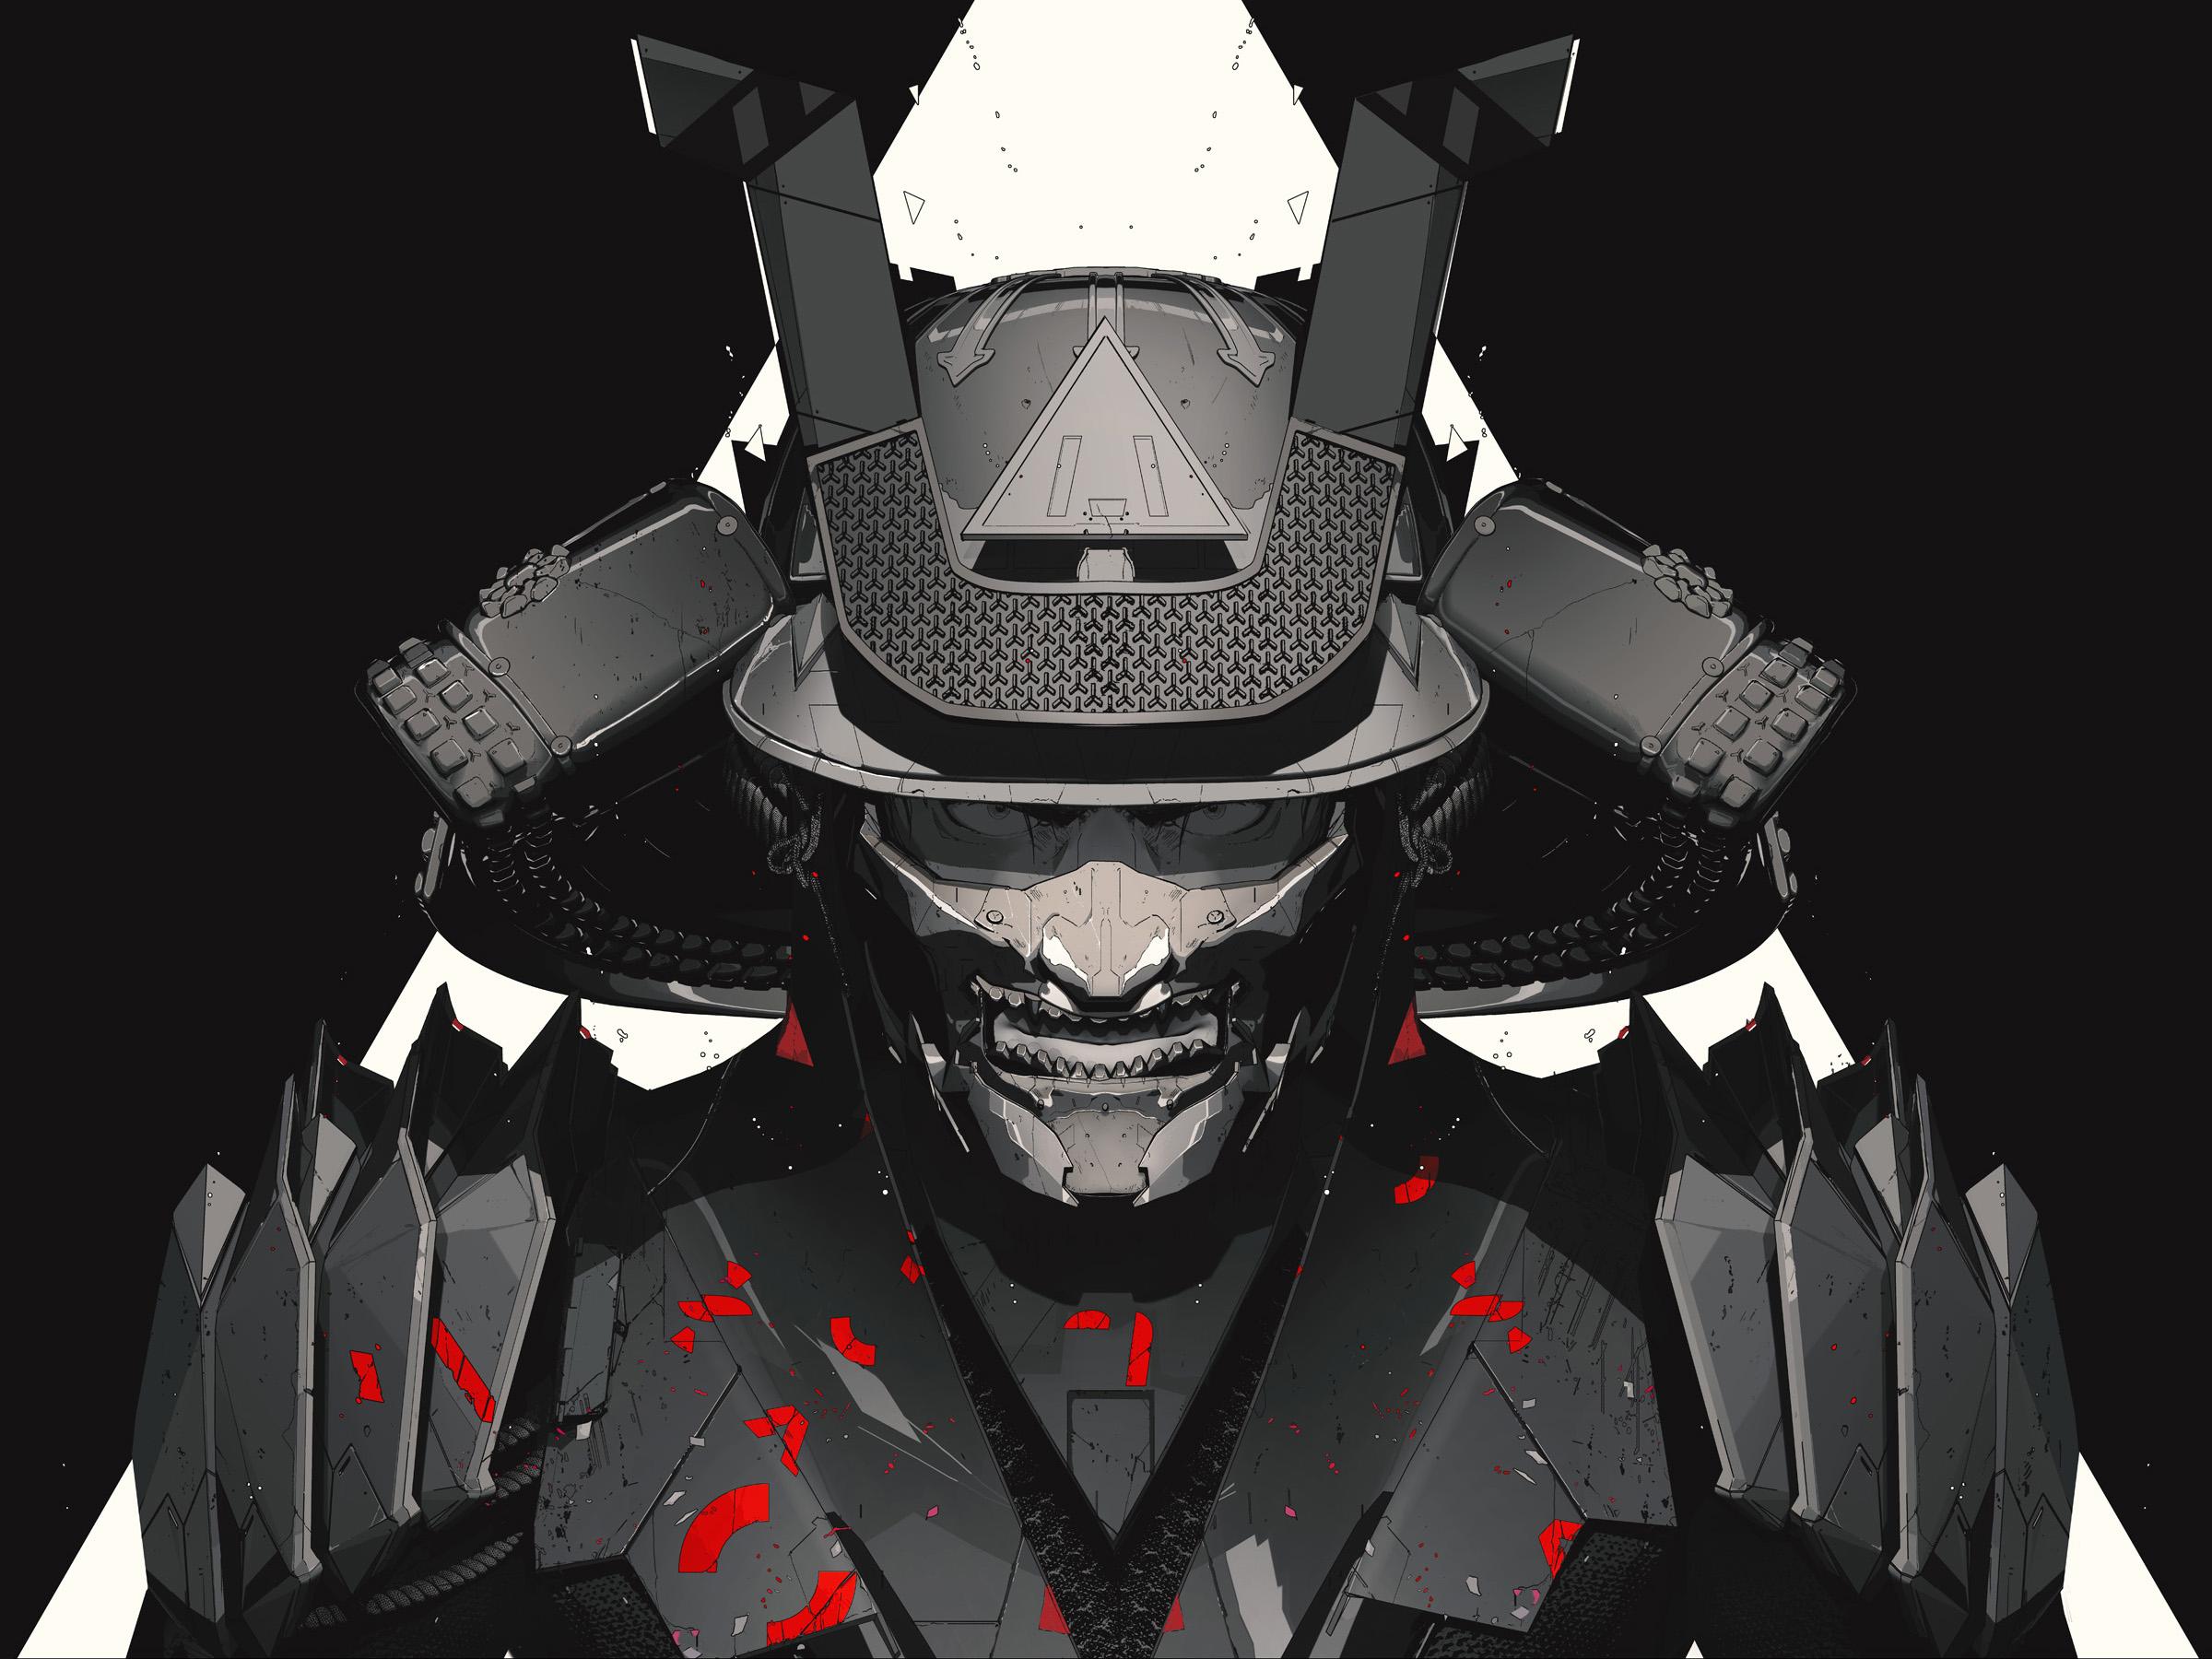 NIKE_AE_Warrior_Comp_003